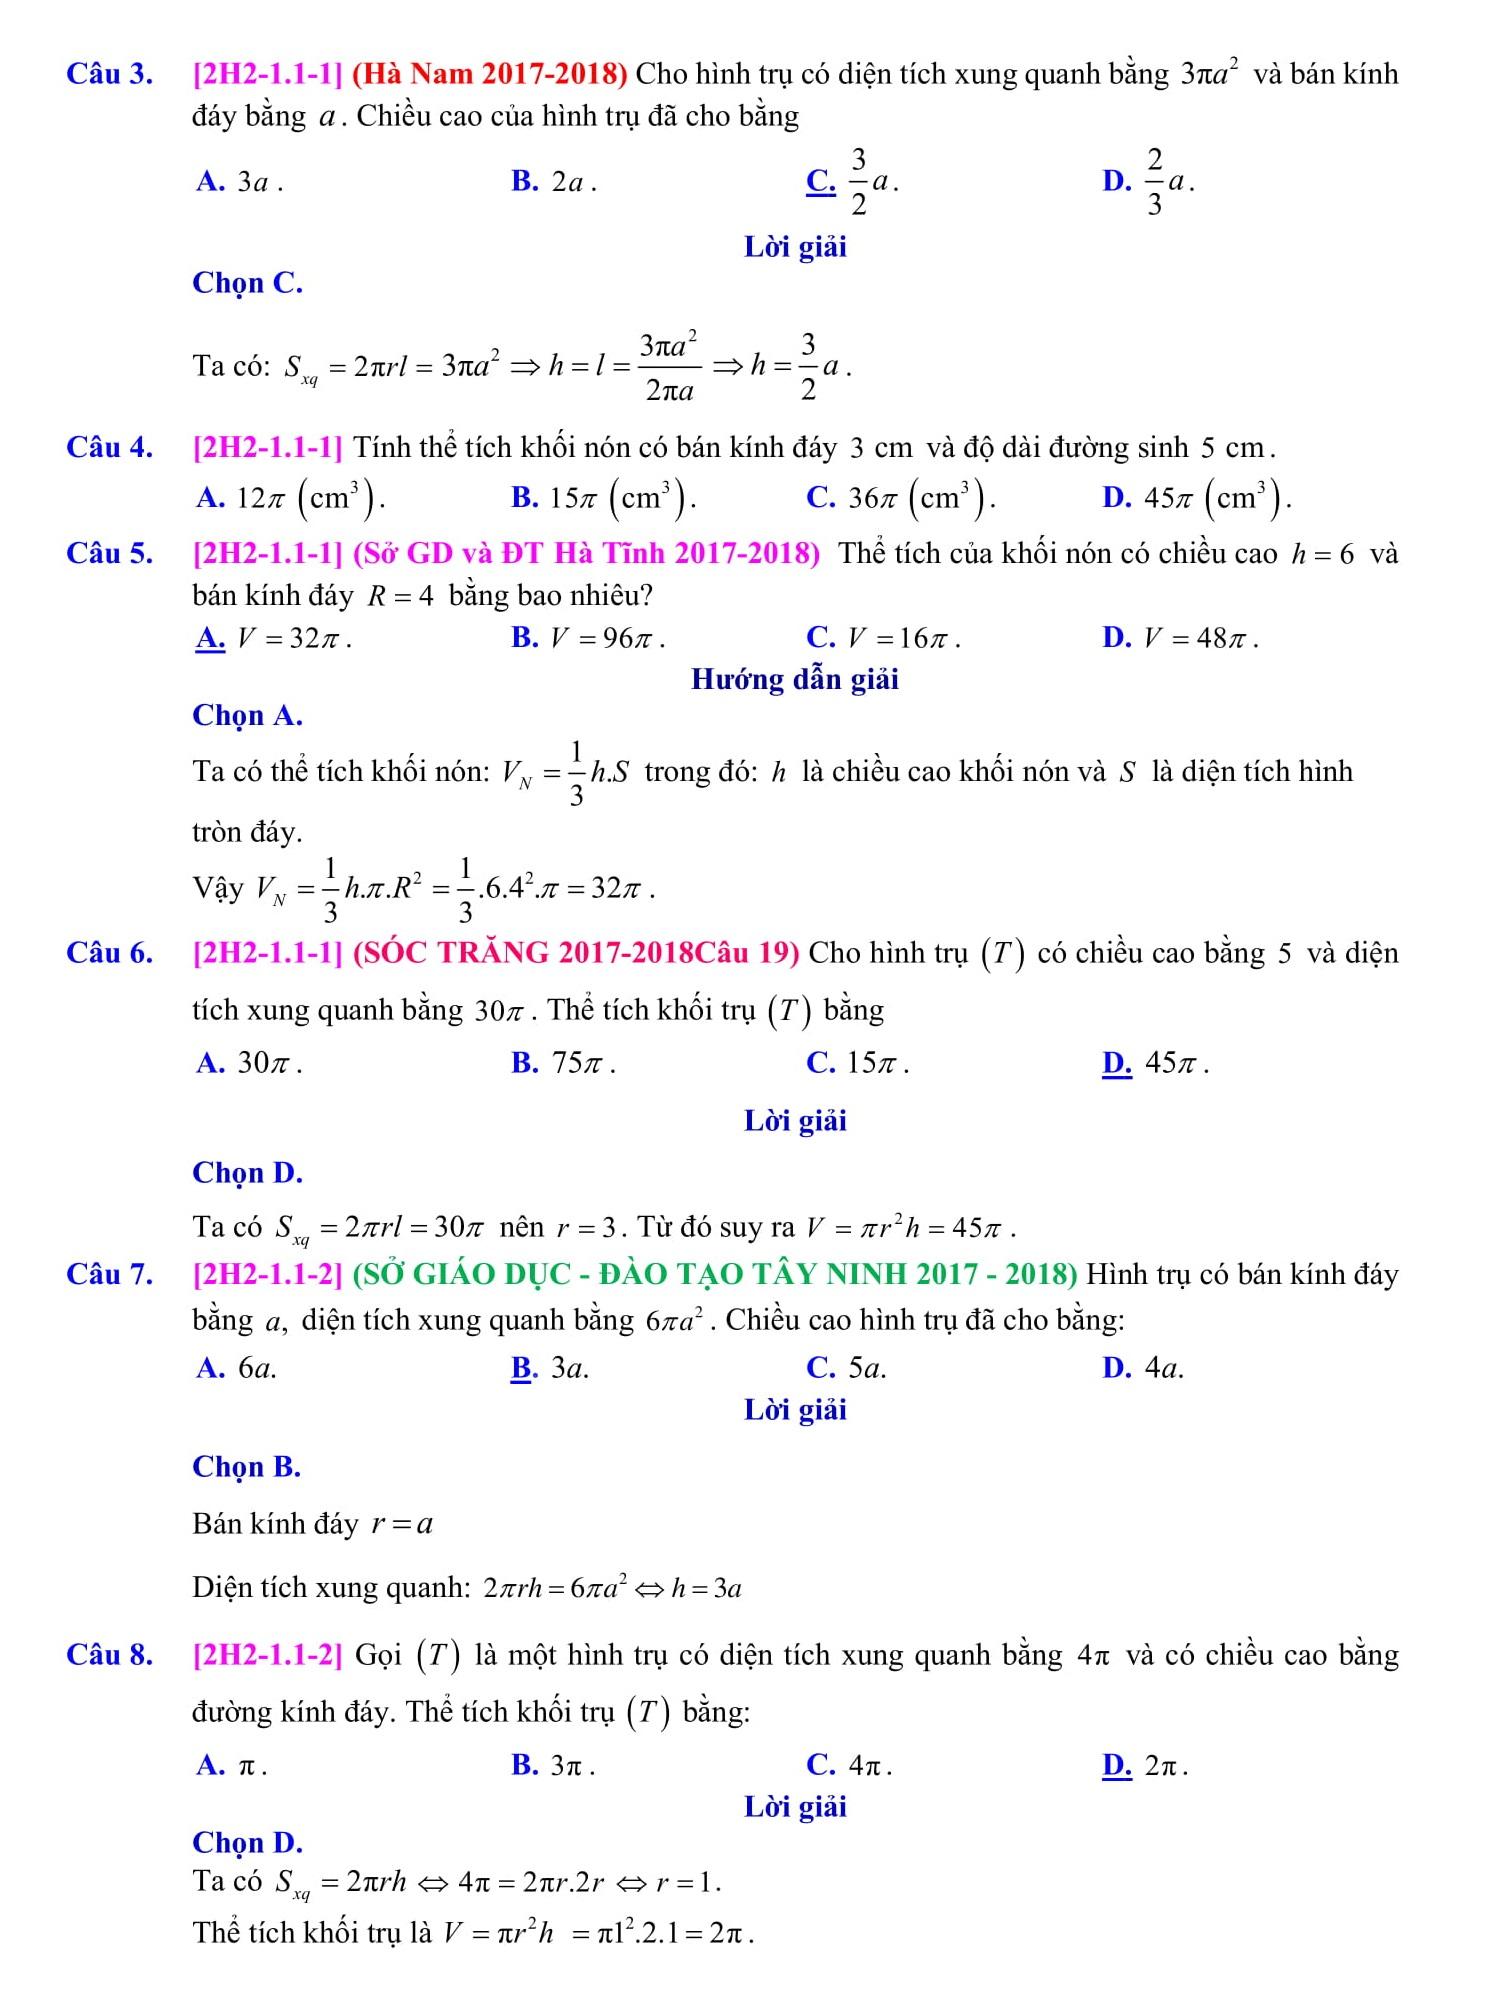 Mặt tròn xoay và mặt cầu (bài tập + lời giải) - Toán hình 12